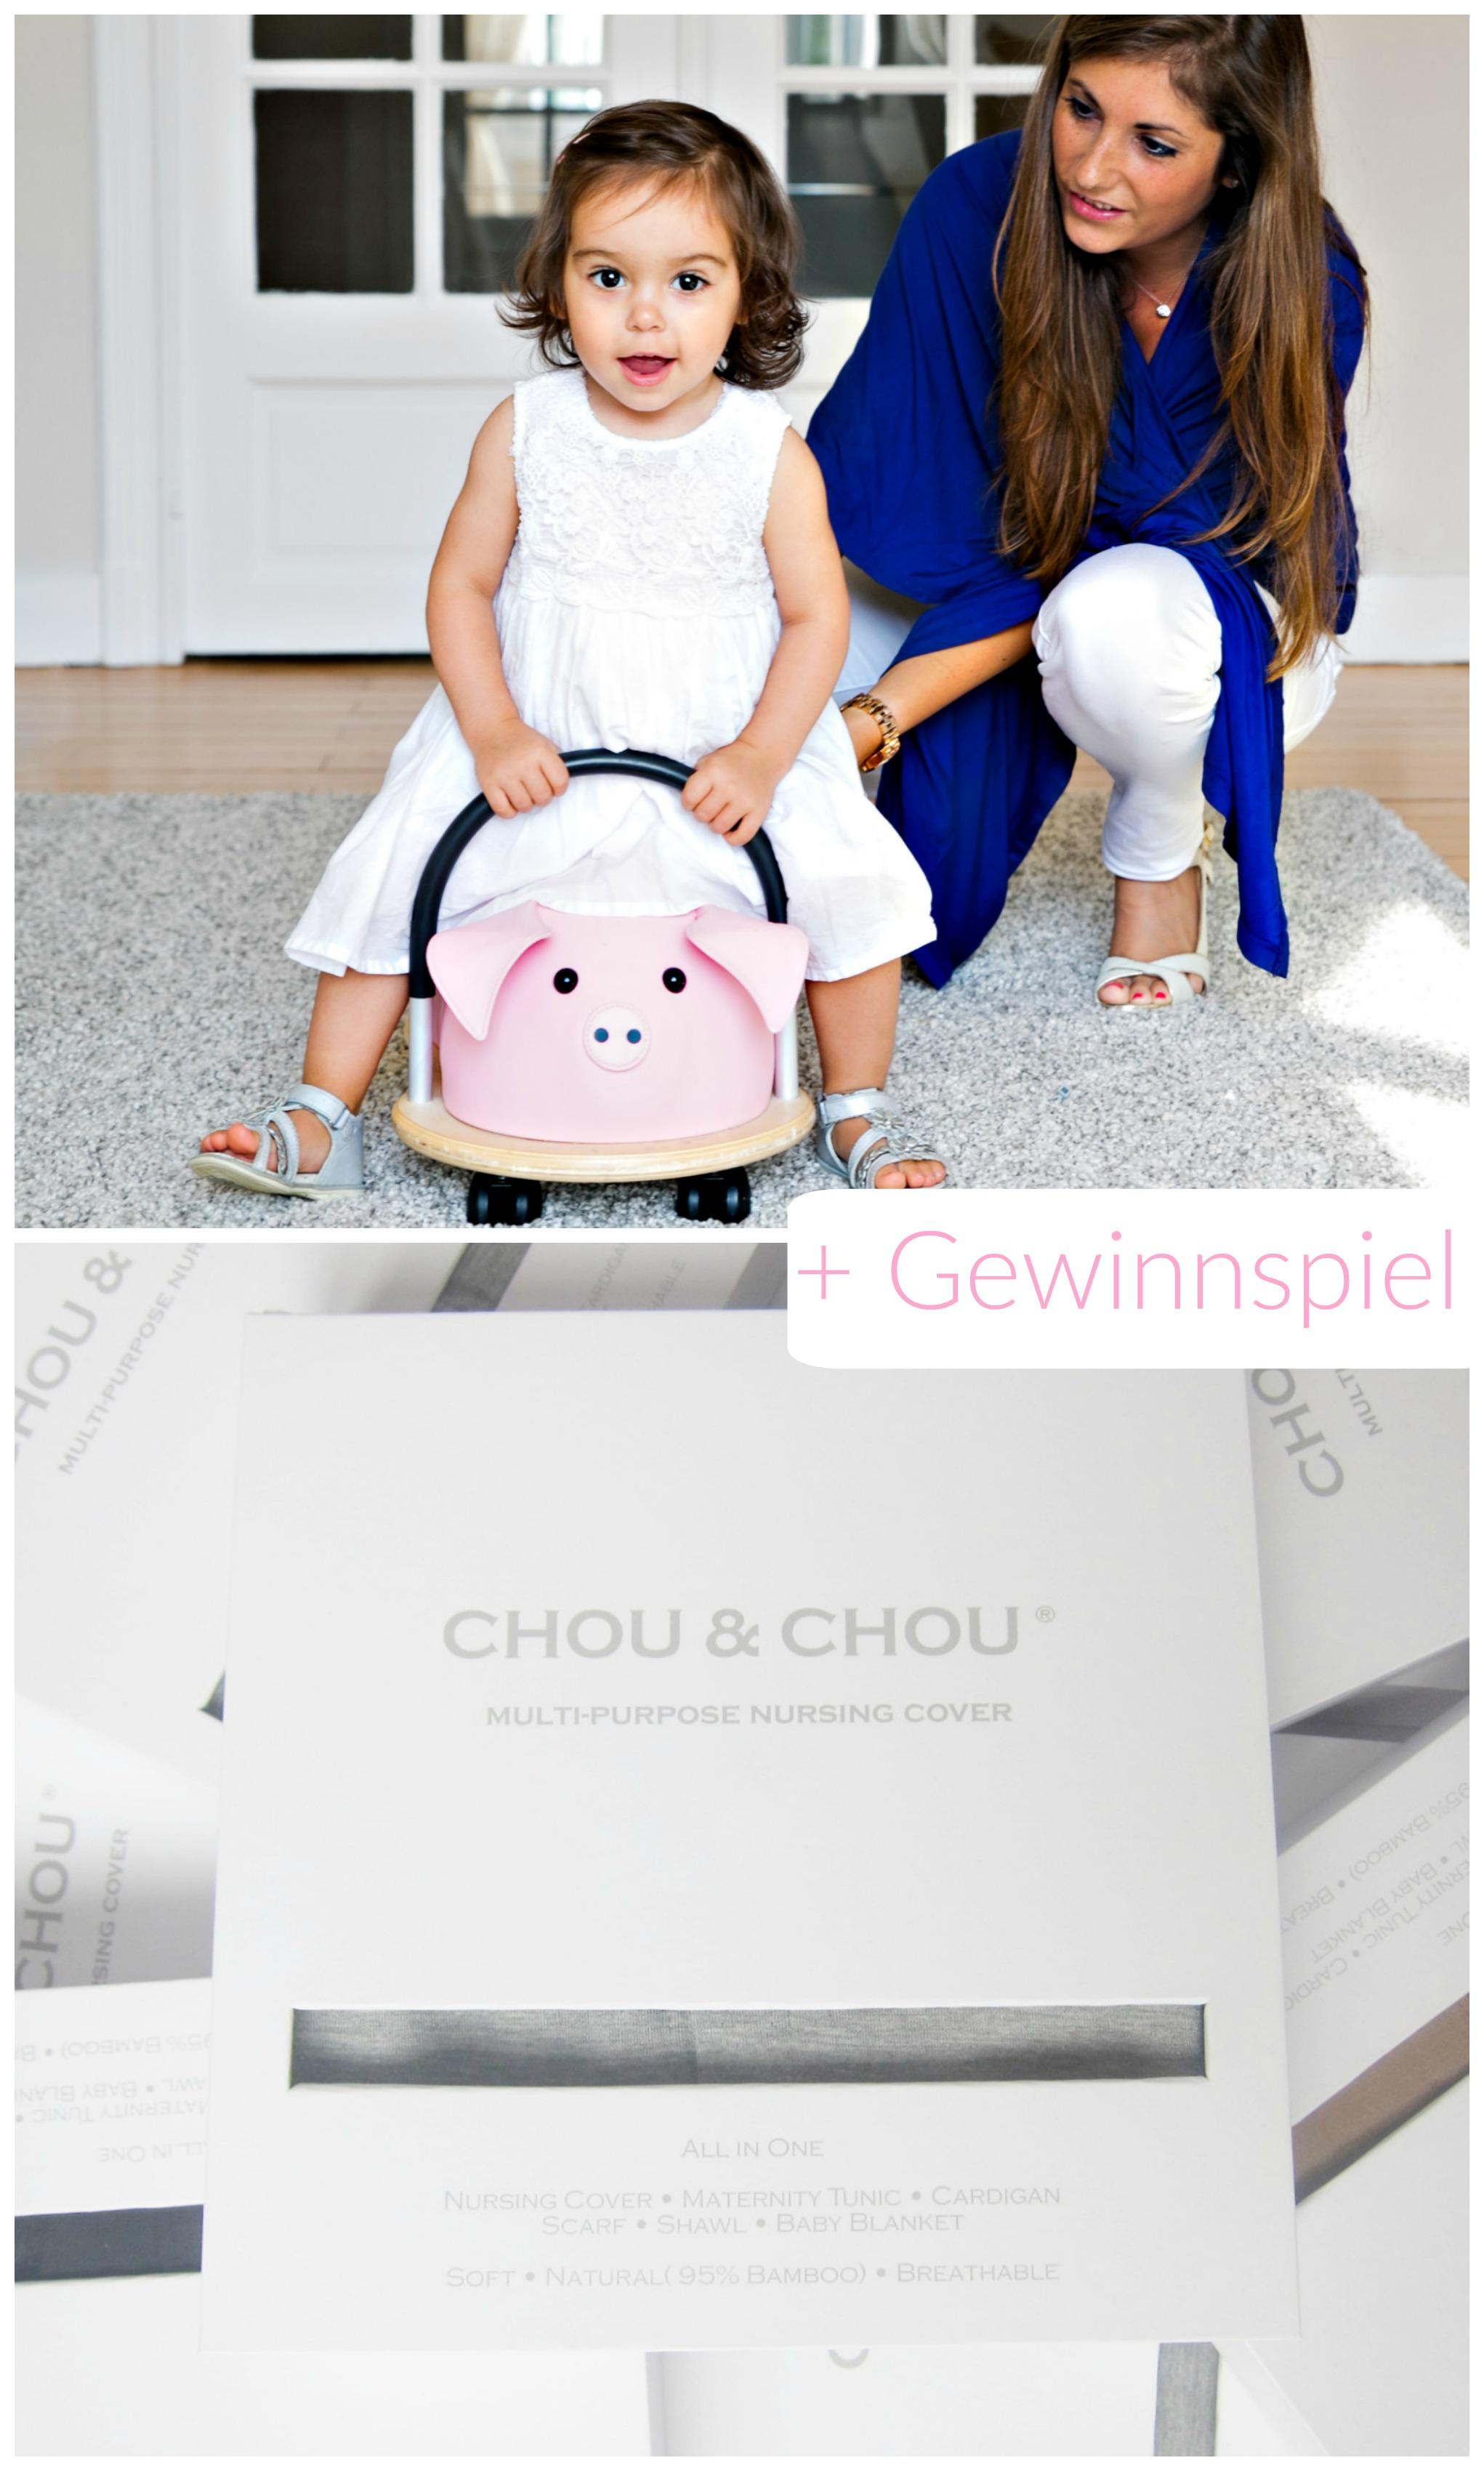 ChouChou_Gewinnspiel